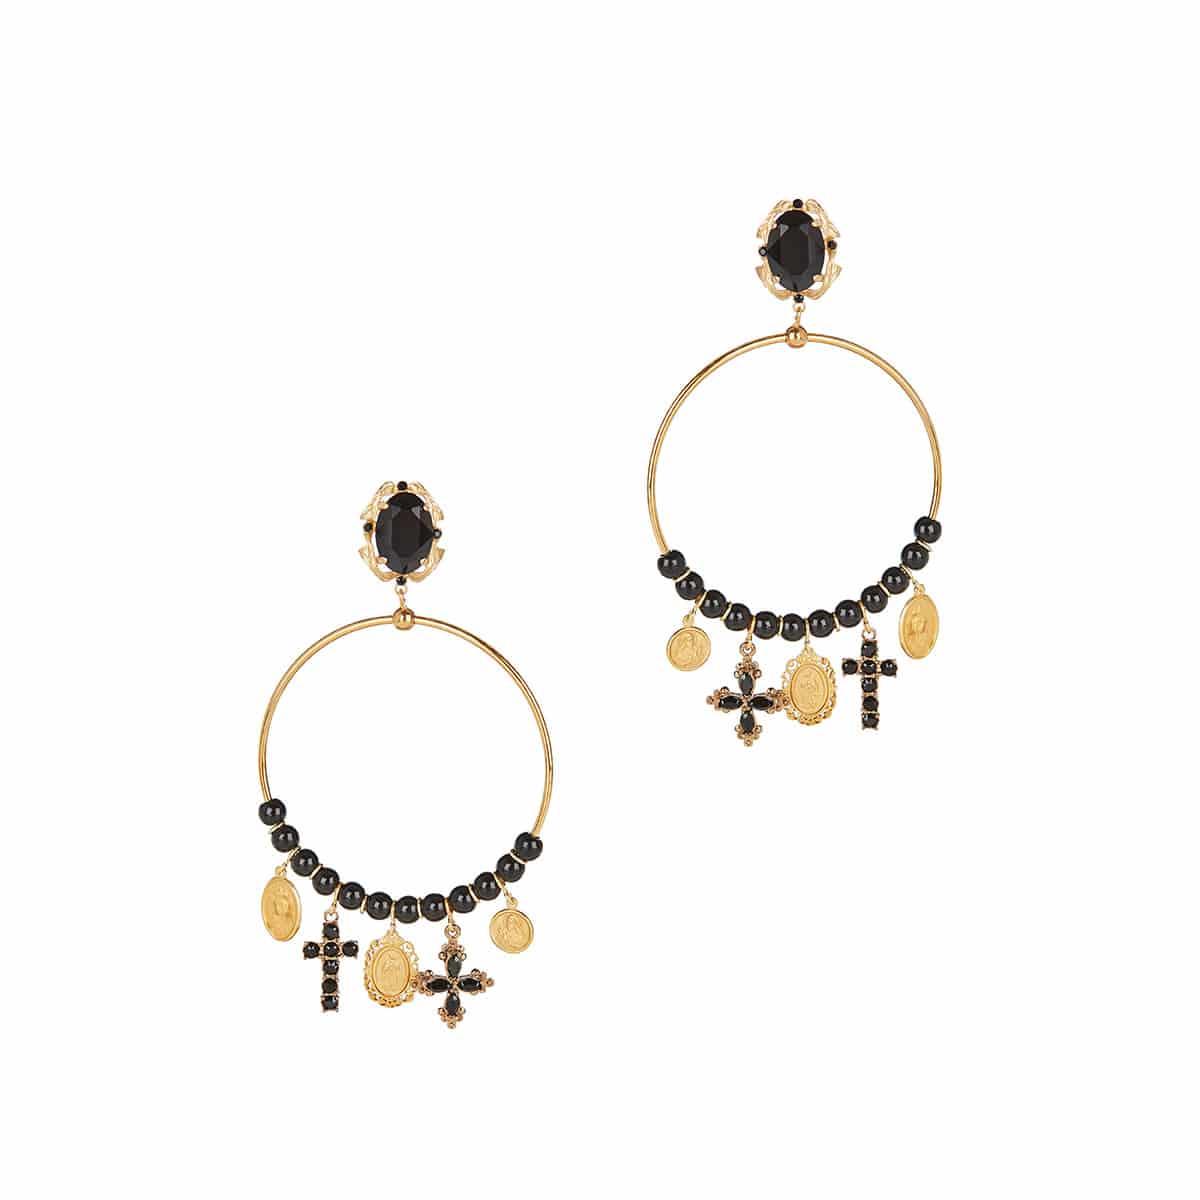 Charm-embellished hoop earrings